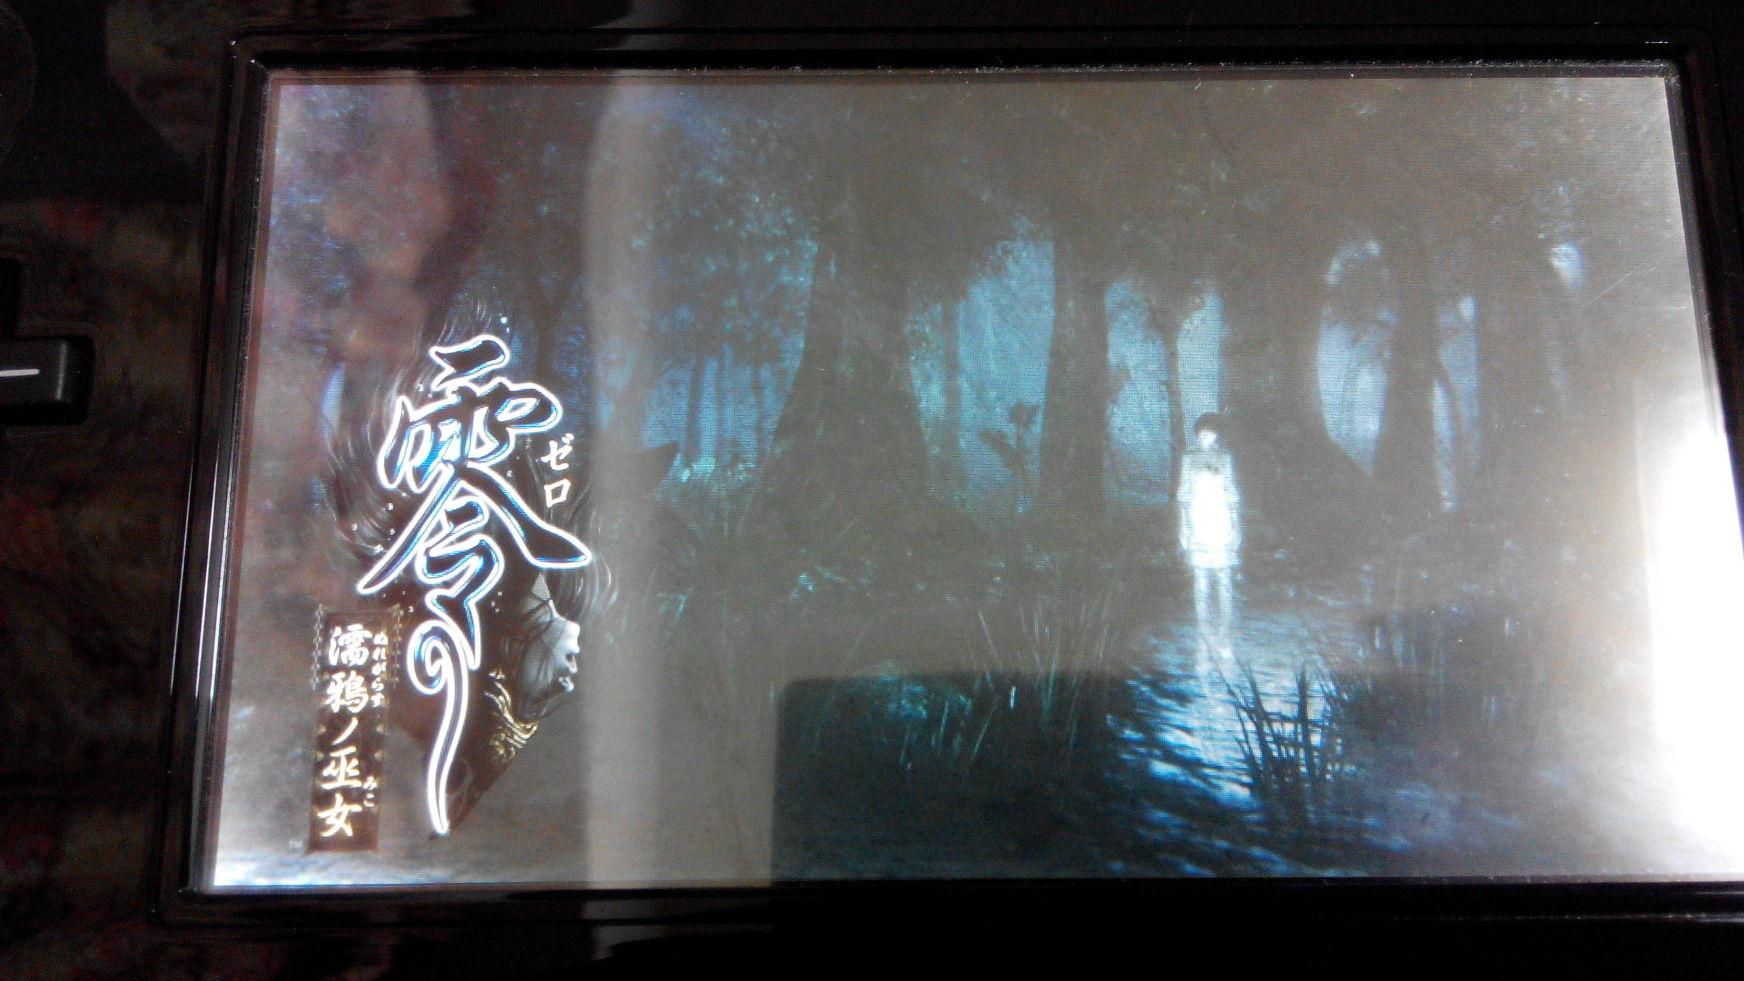 《零濡鸦之巫女》偷跑开箱图文